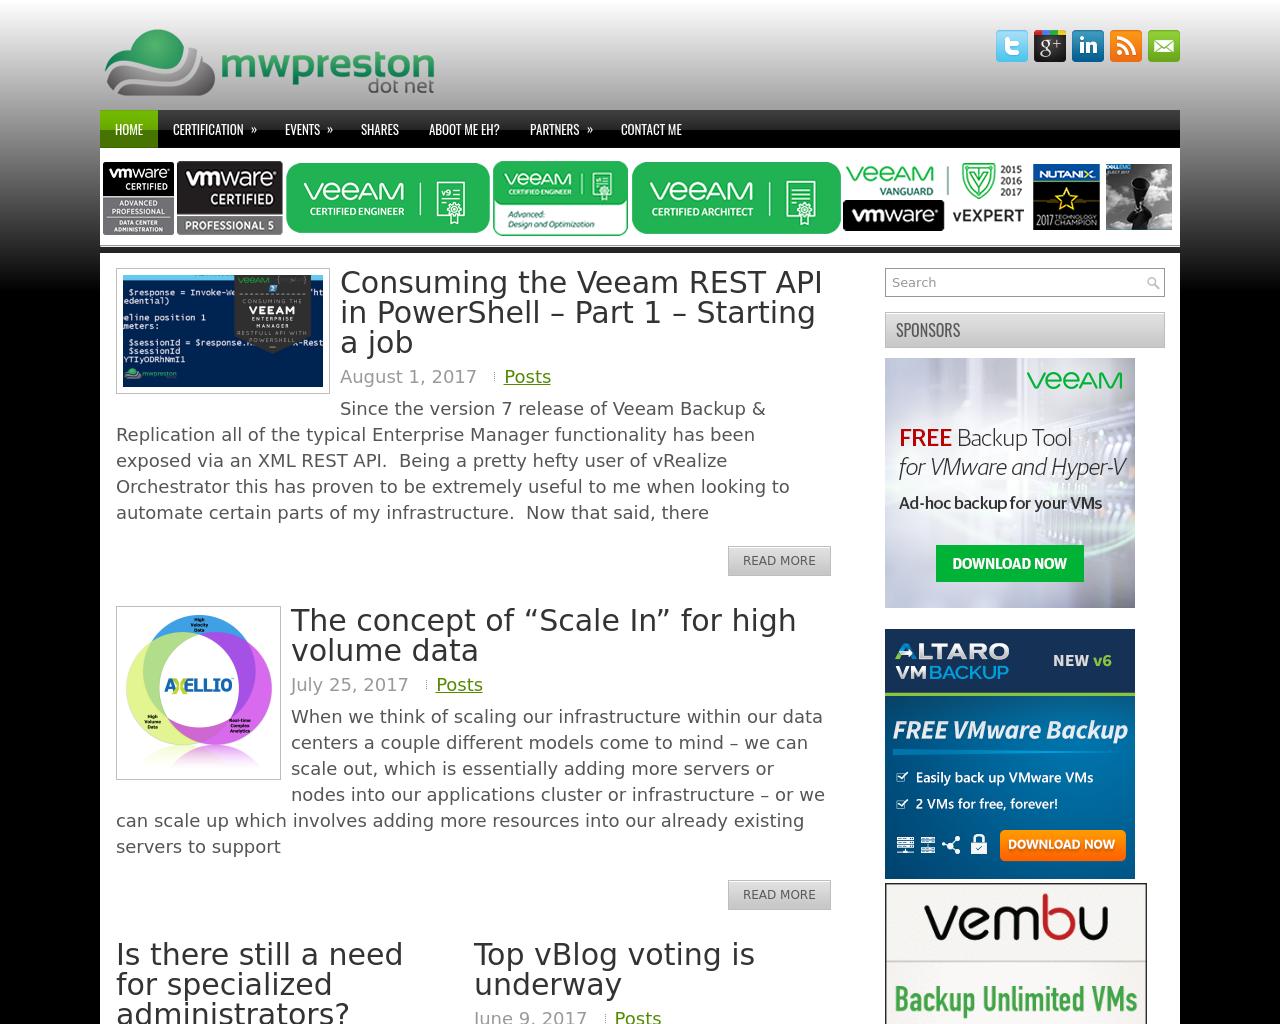 Blog.mwpreston-Advertising-Reviews-Pricing